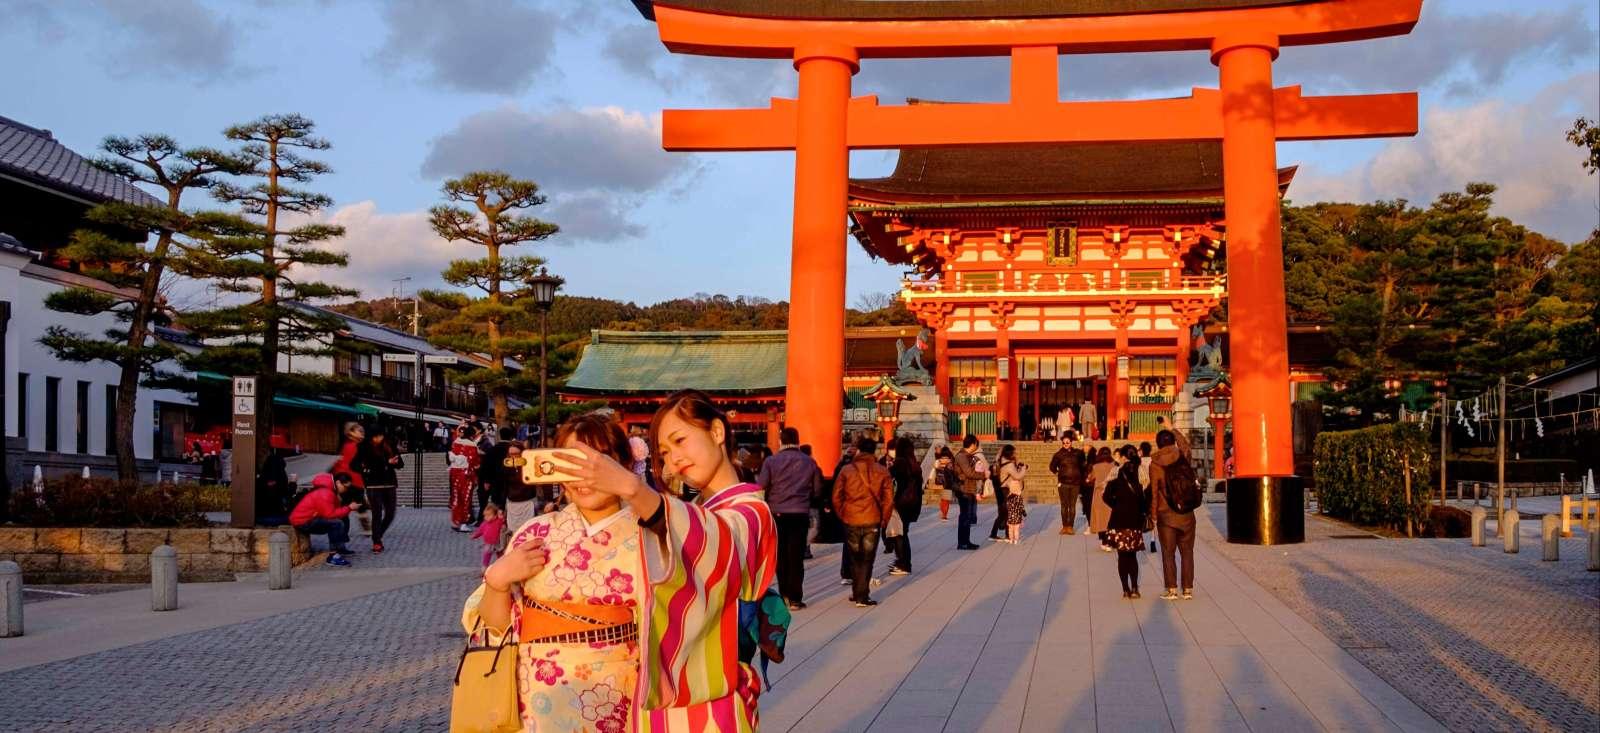 Voyage à pied : Tokyo – Kyoto, entre modernité et traditions